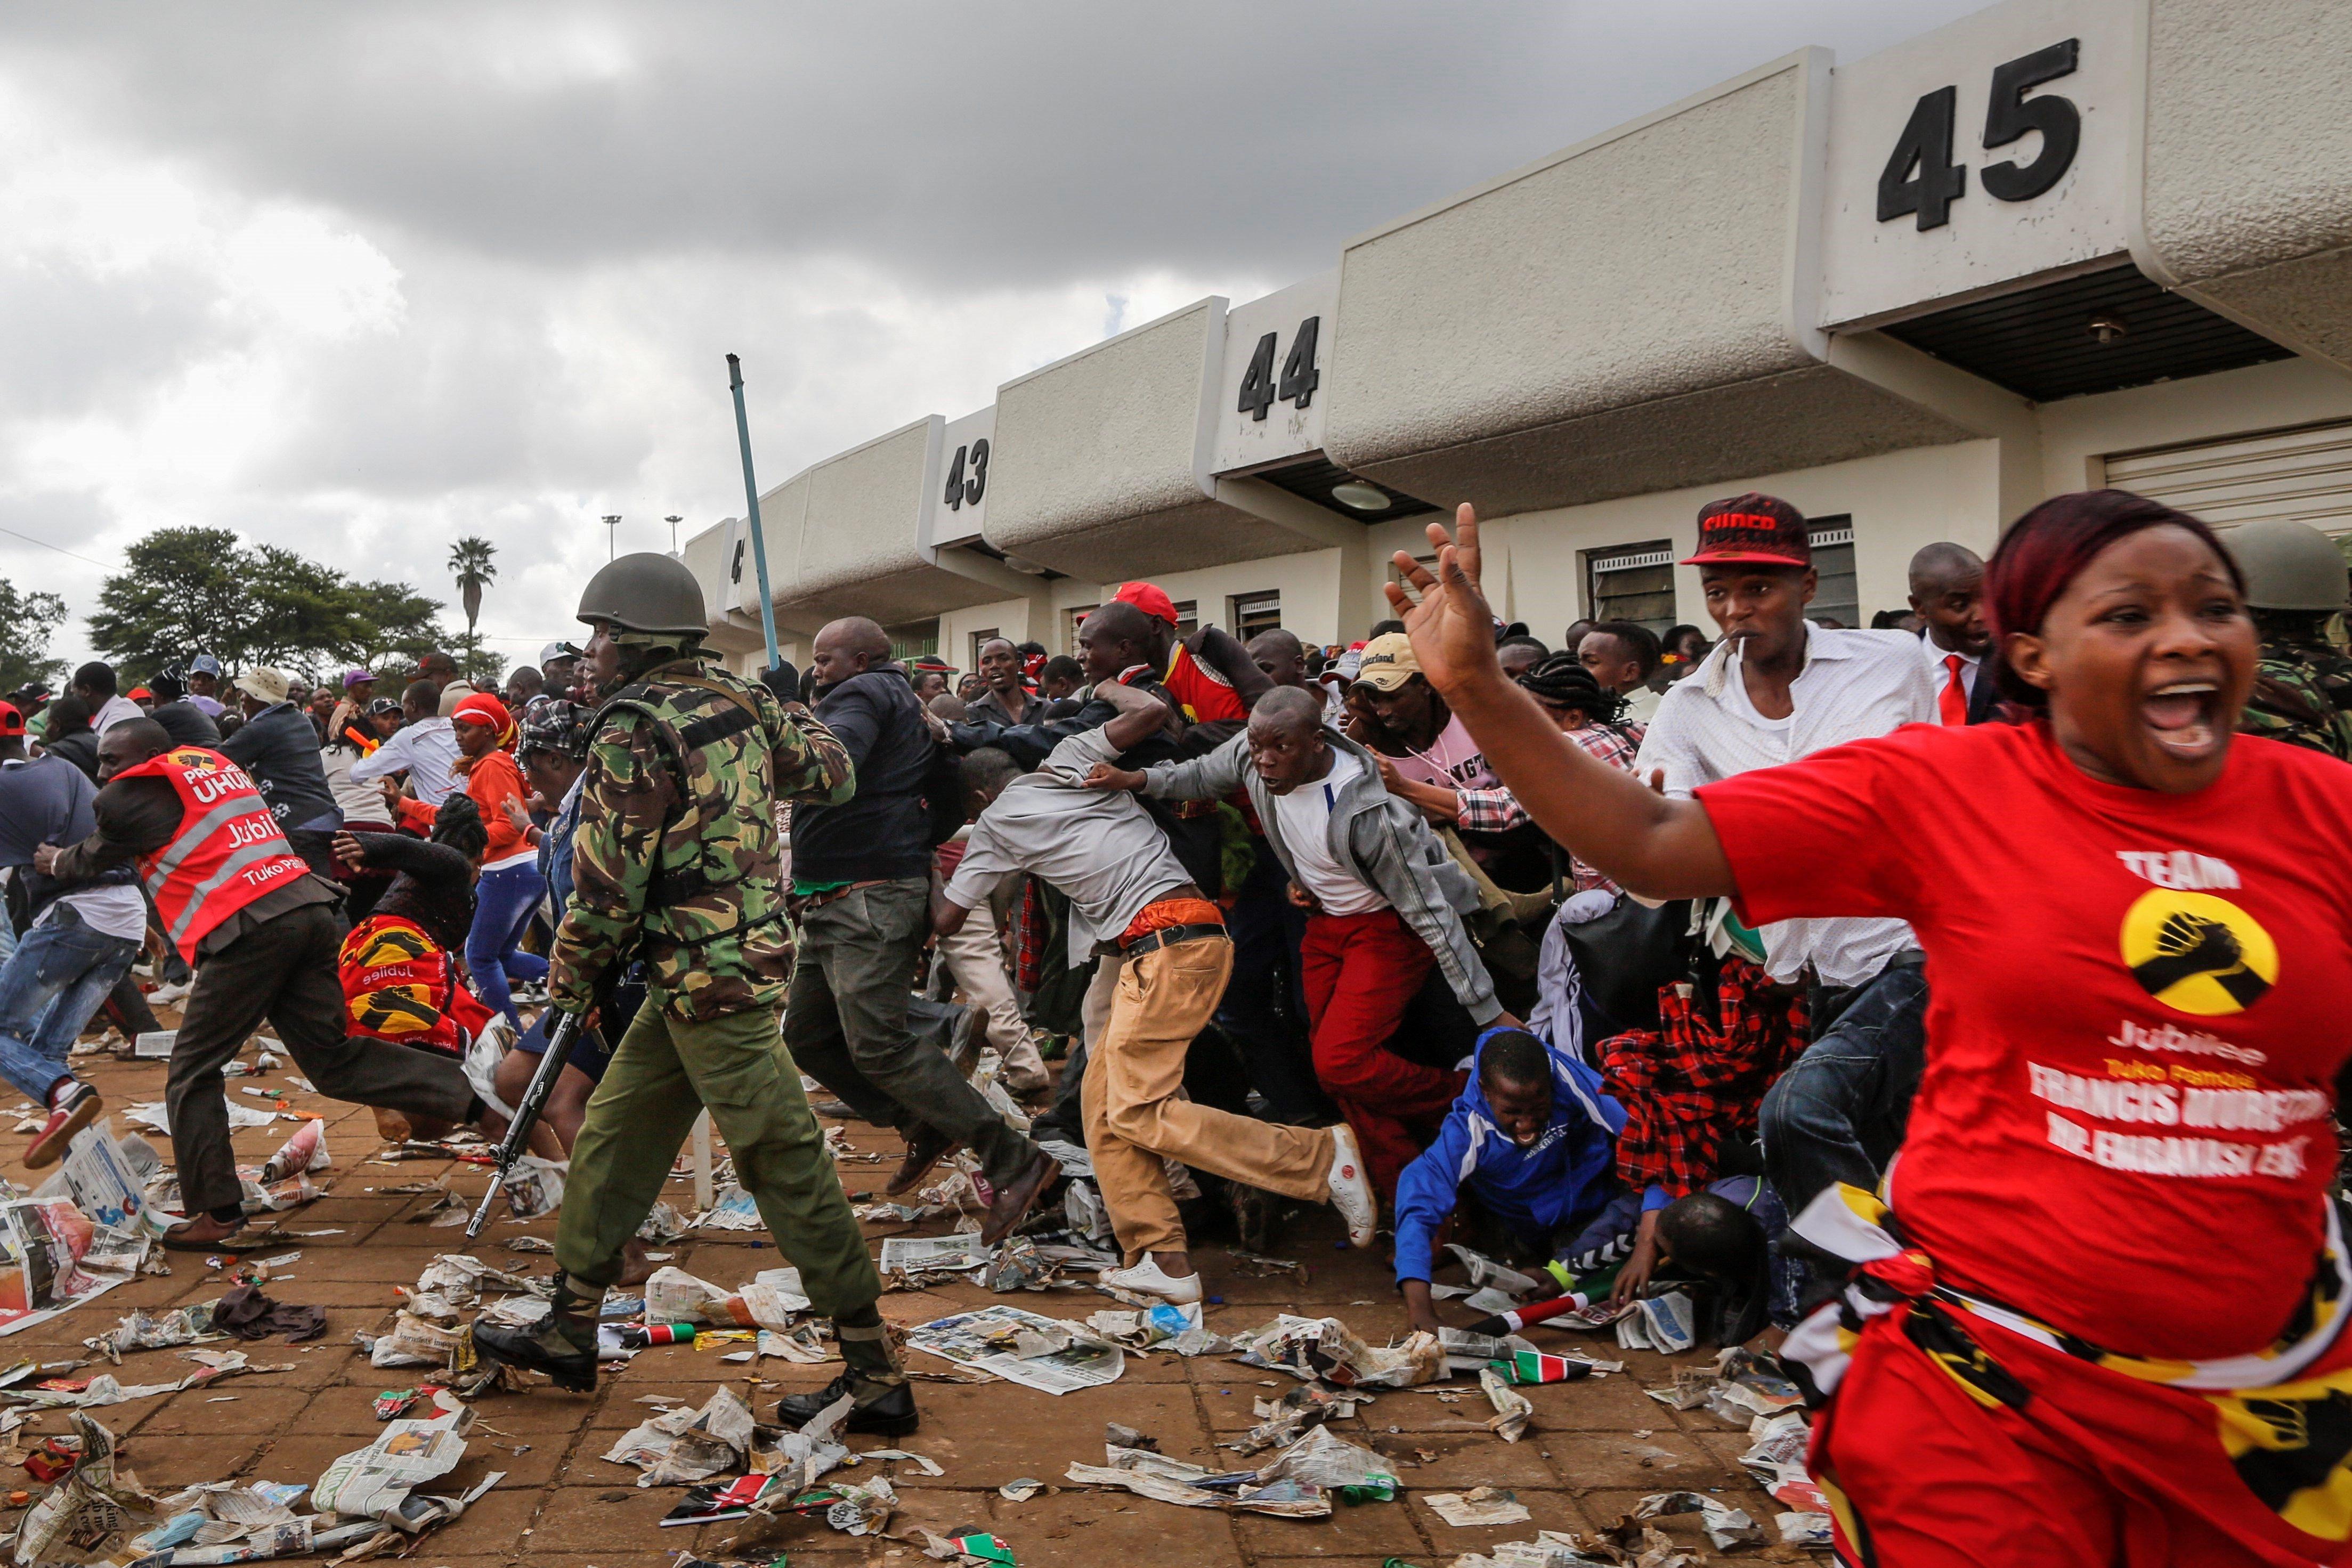 La policia carrega contra una multitud que intenta irrompre a l'estadi on el president electe Uhuru Kenyatta està a punt d'arribar per assistir a la seva cerimònia d'investidura a Nairobi (Kenya). /DAI KUROKAWA